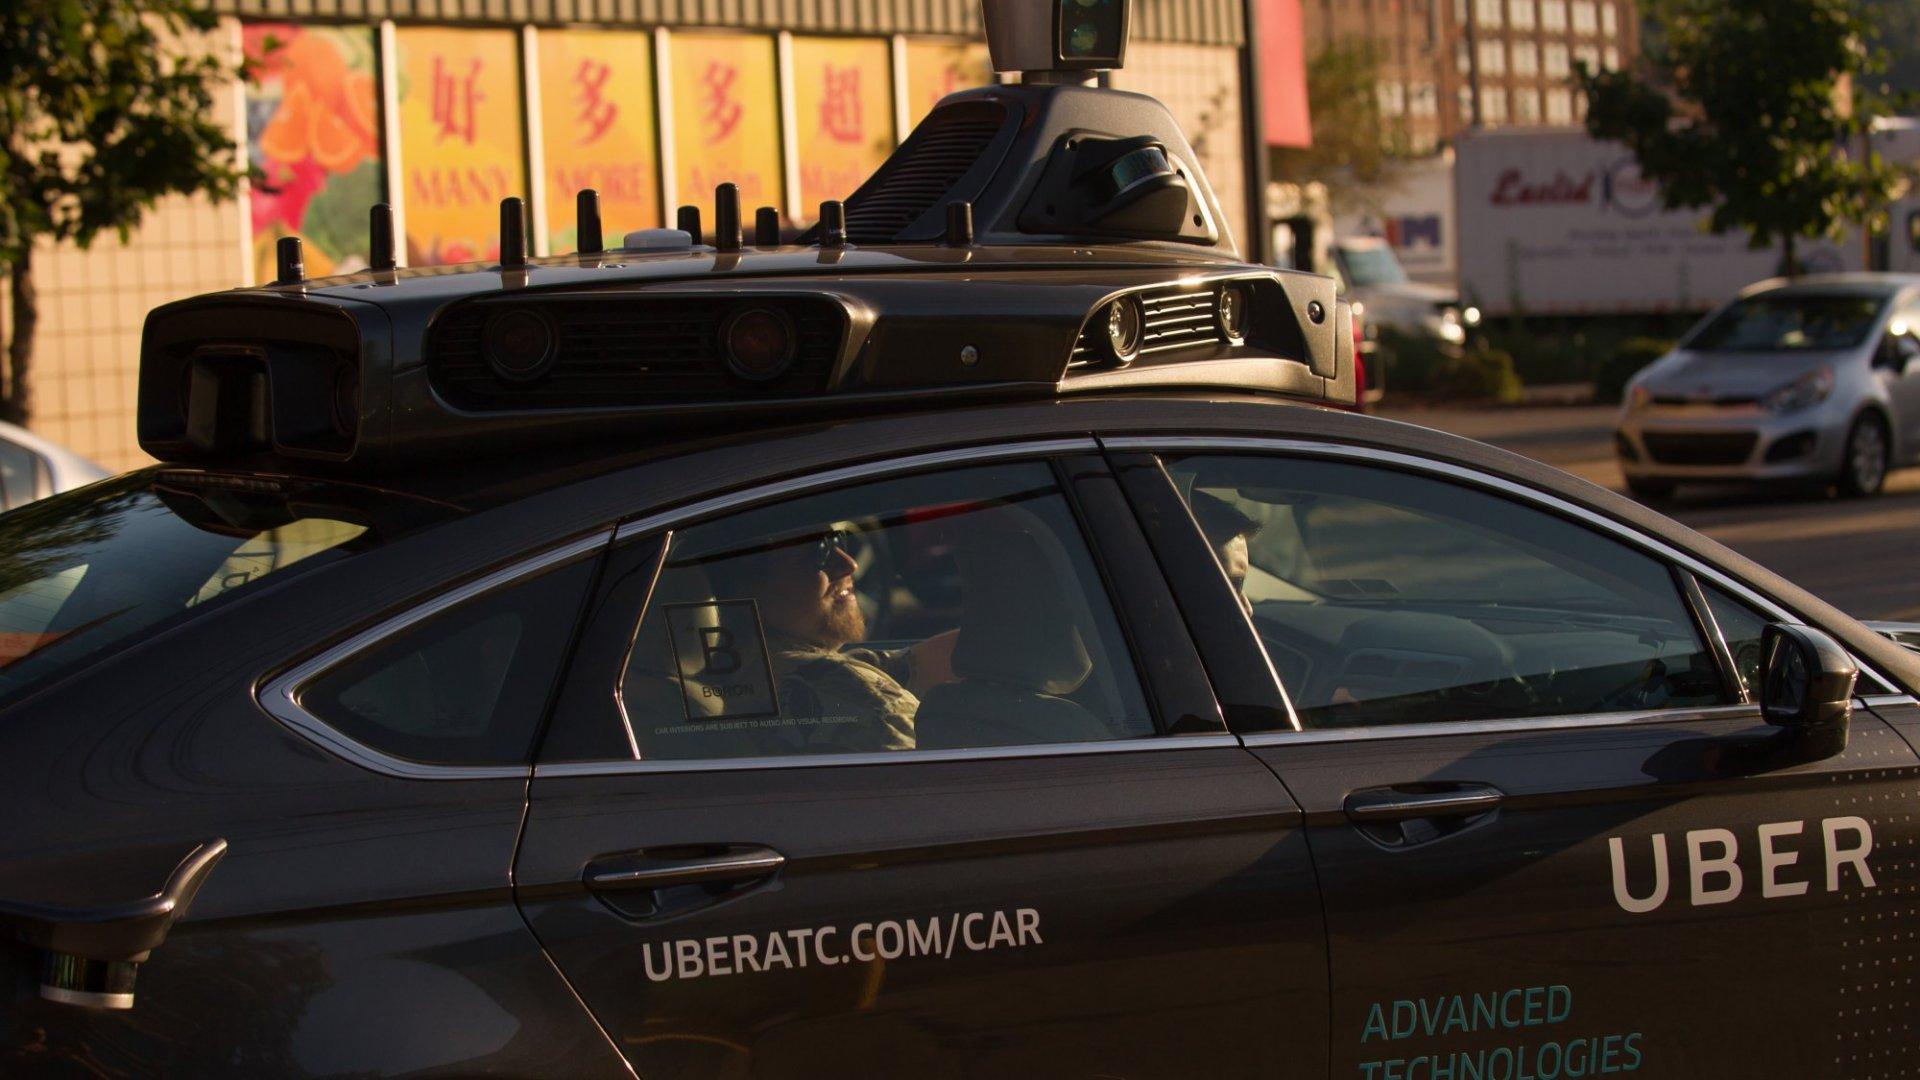 Uber Self-Driving Car Kills Pedestrian and Puts Industry in Danger